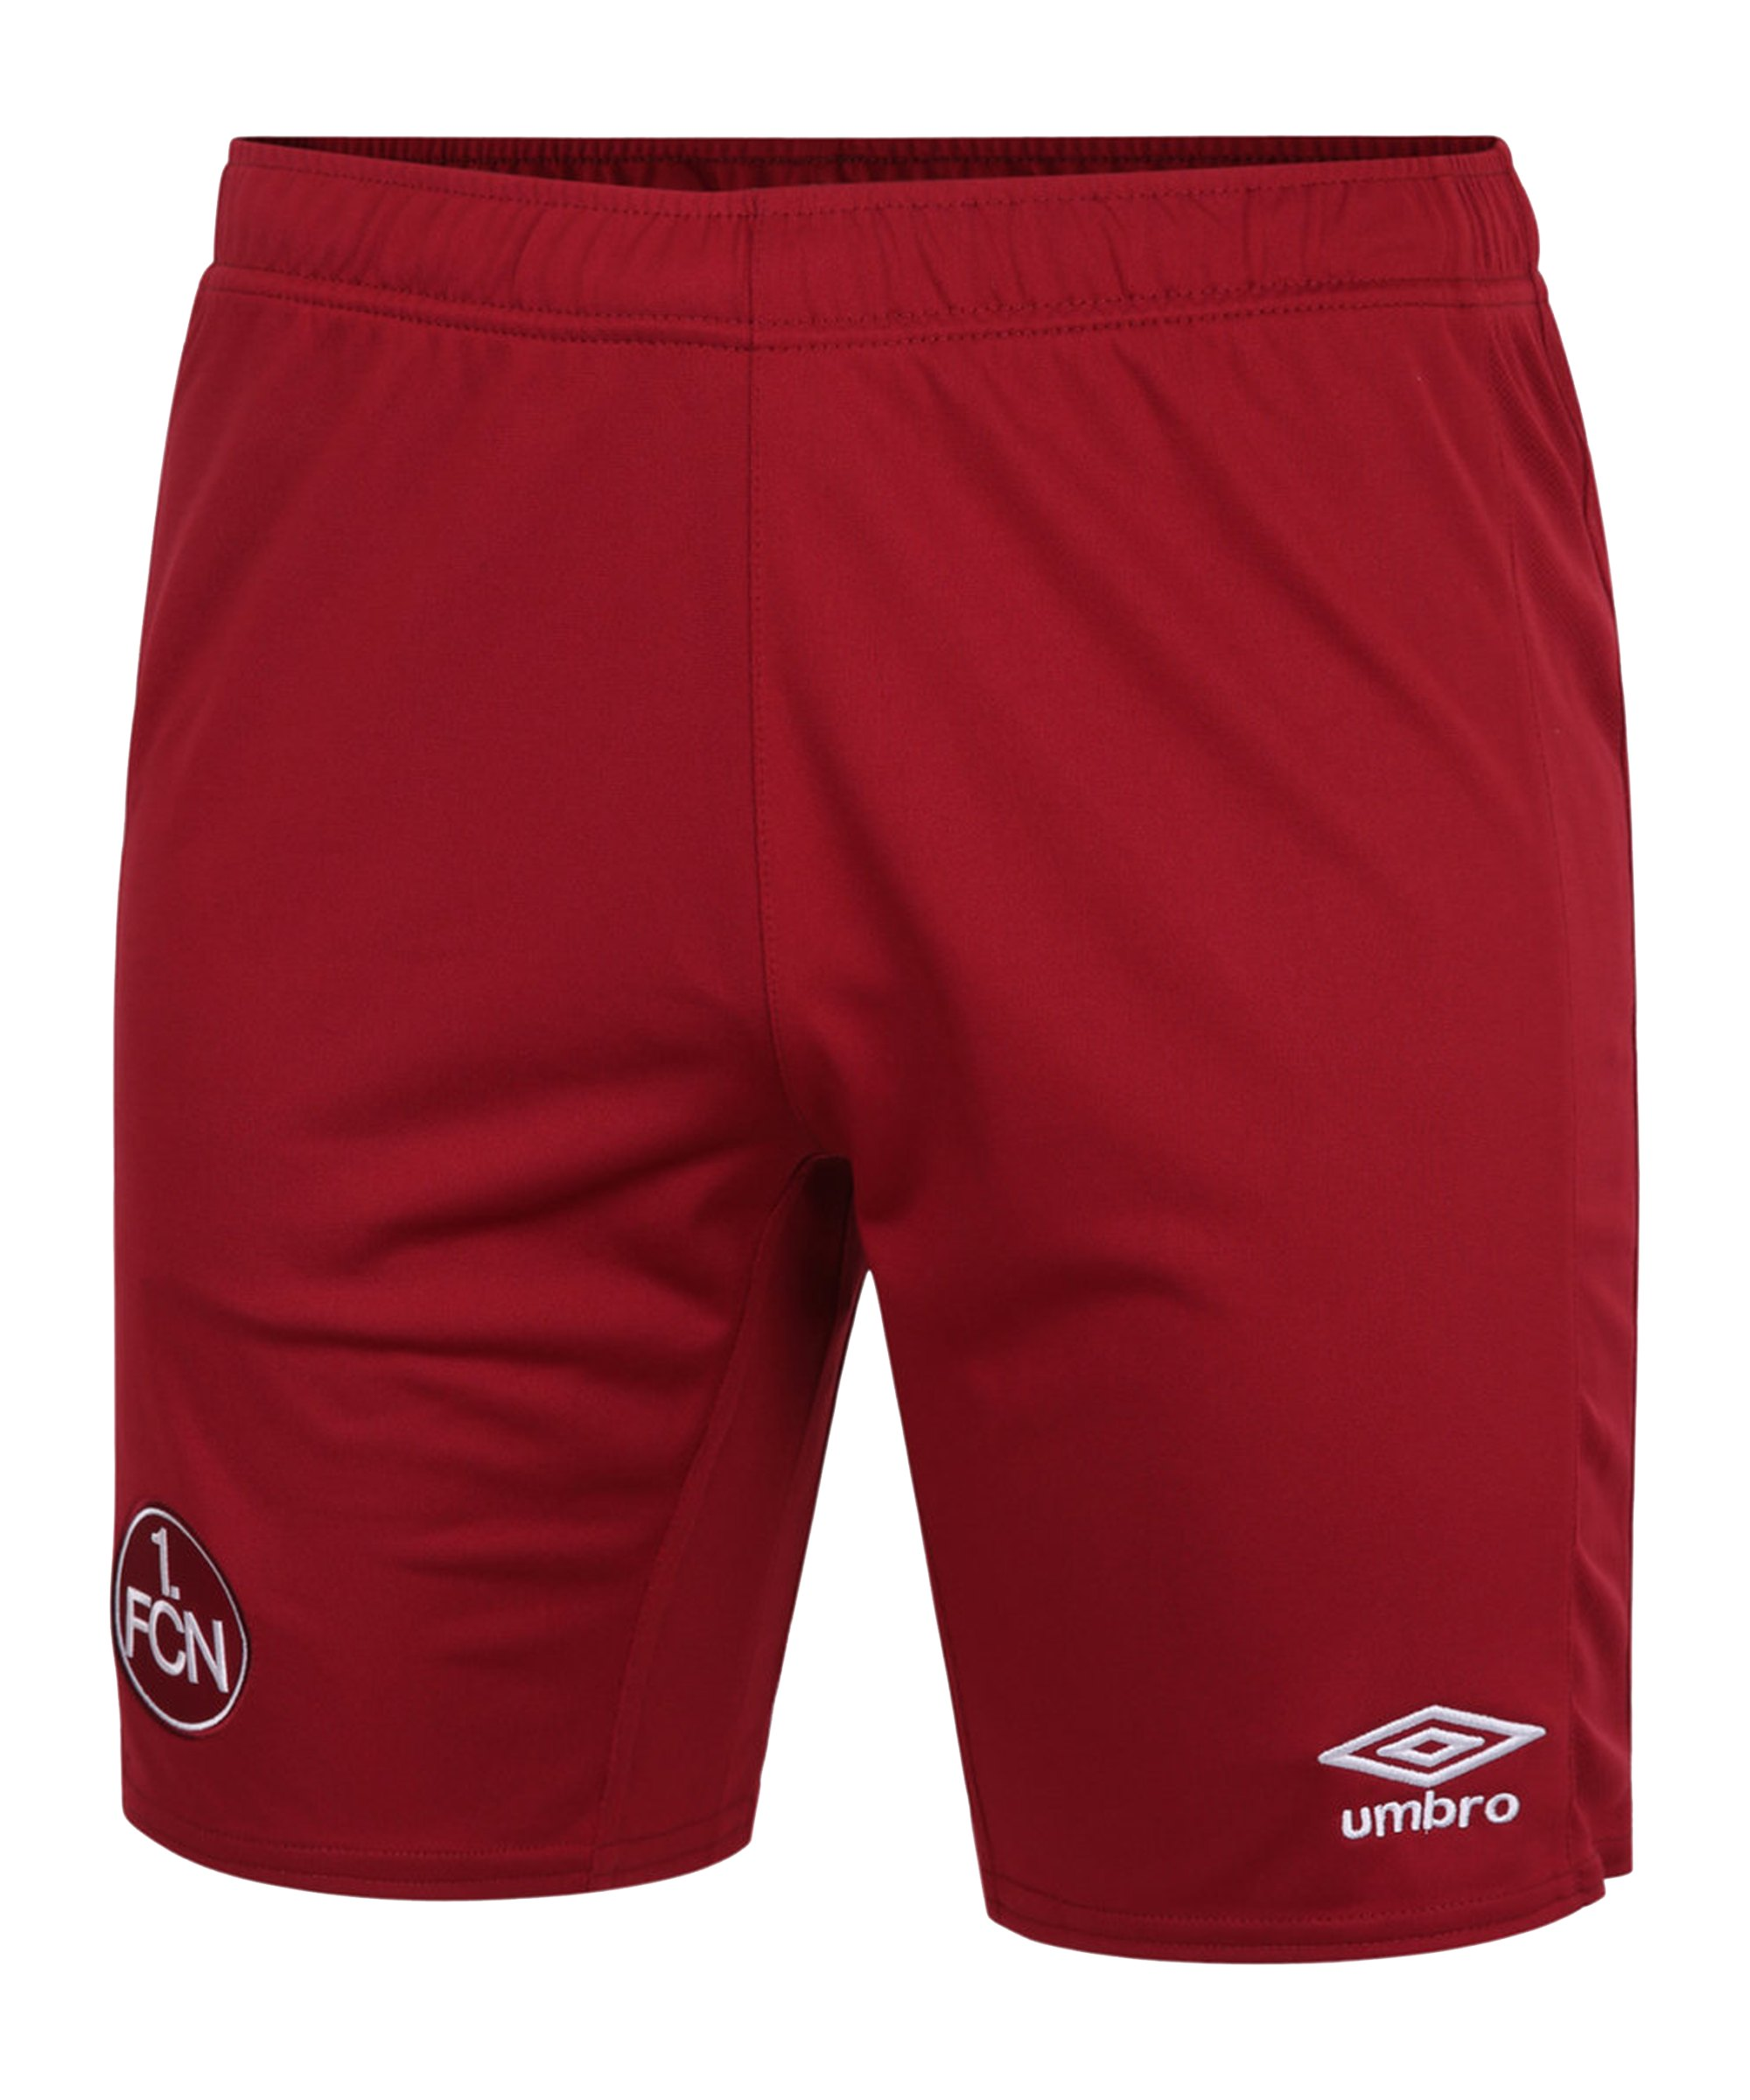 Umbro 1. FC Nürnberg Short Away 2020/2021 Rot - rot